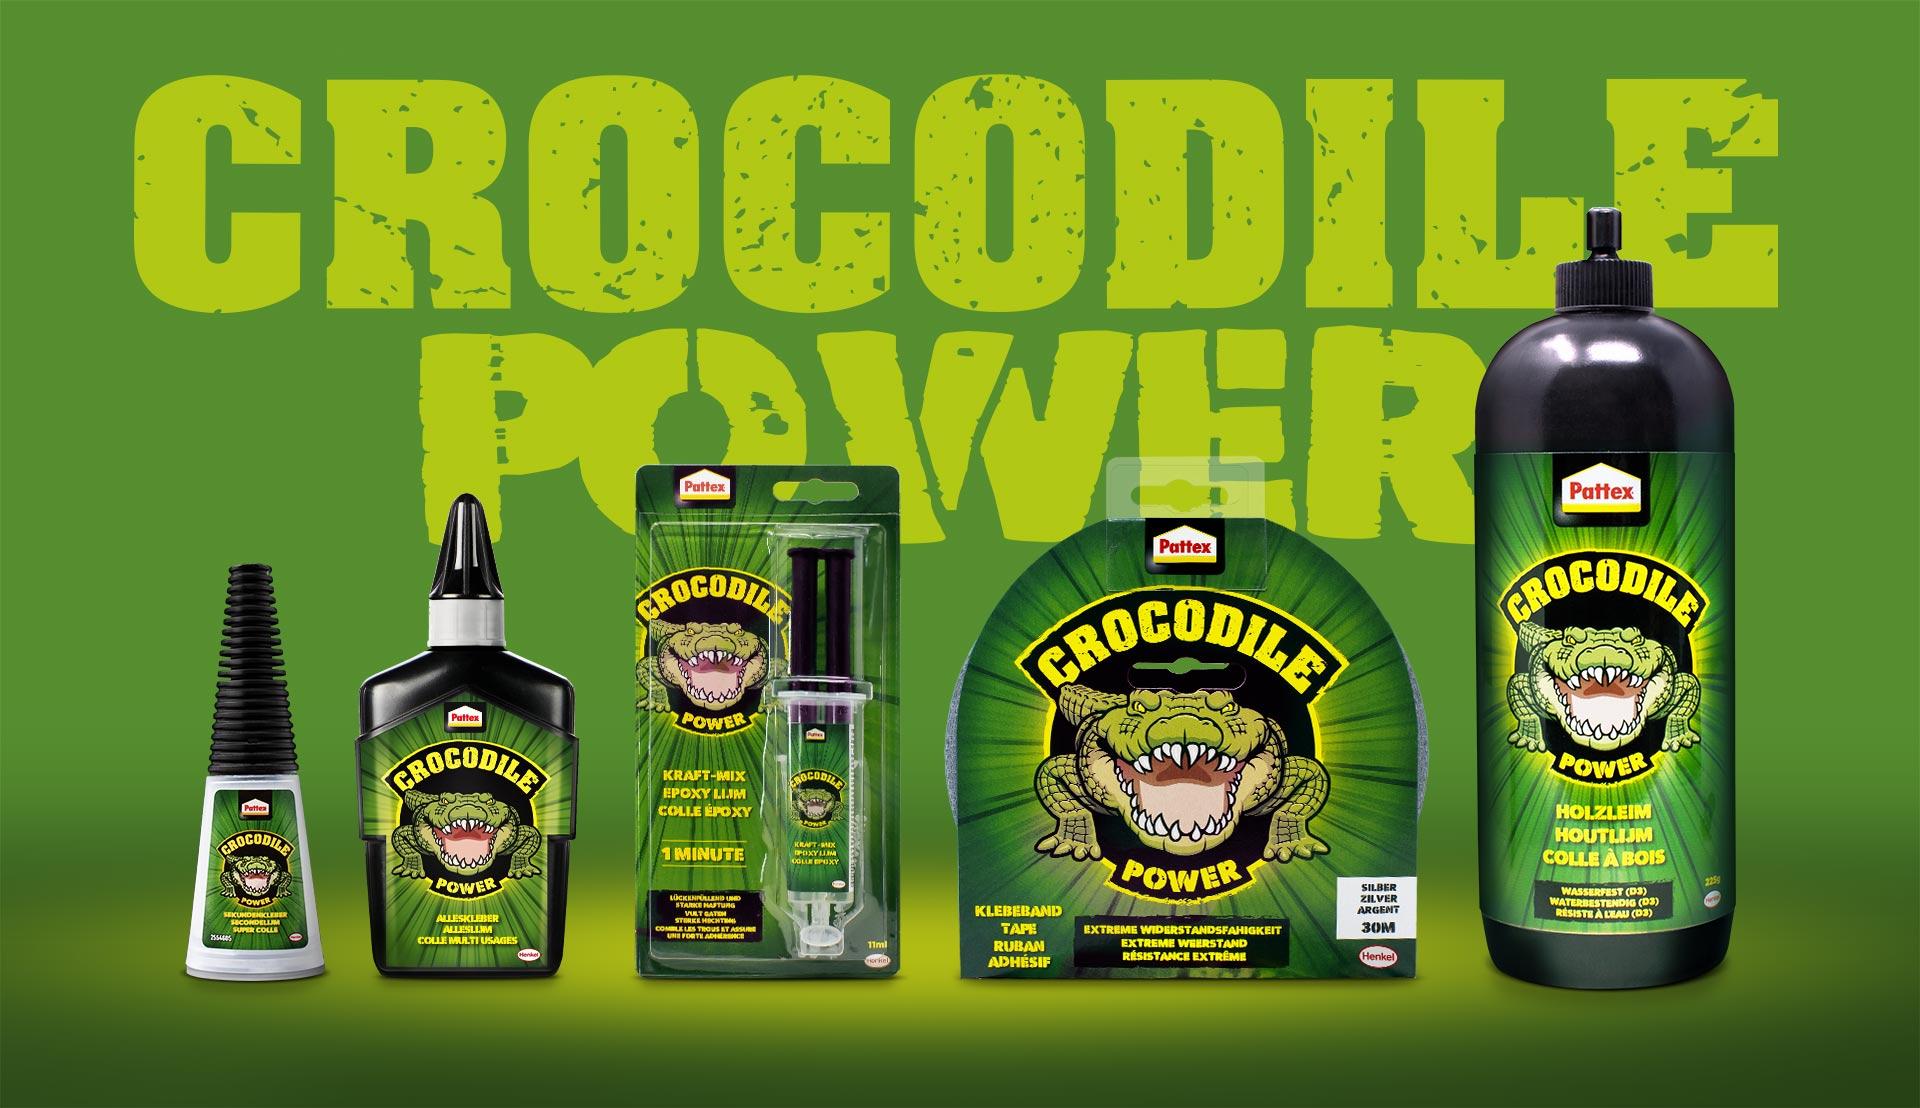 brandcouture Pattex Crocodile Case Design